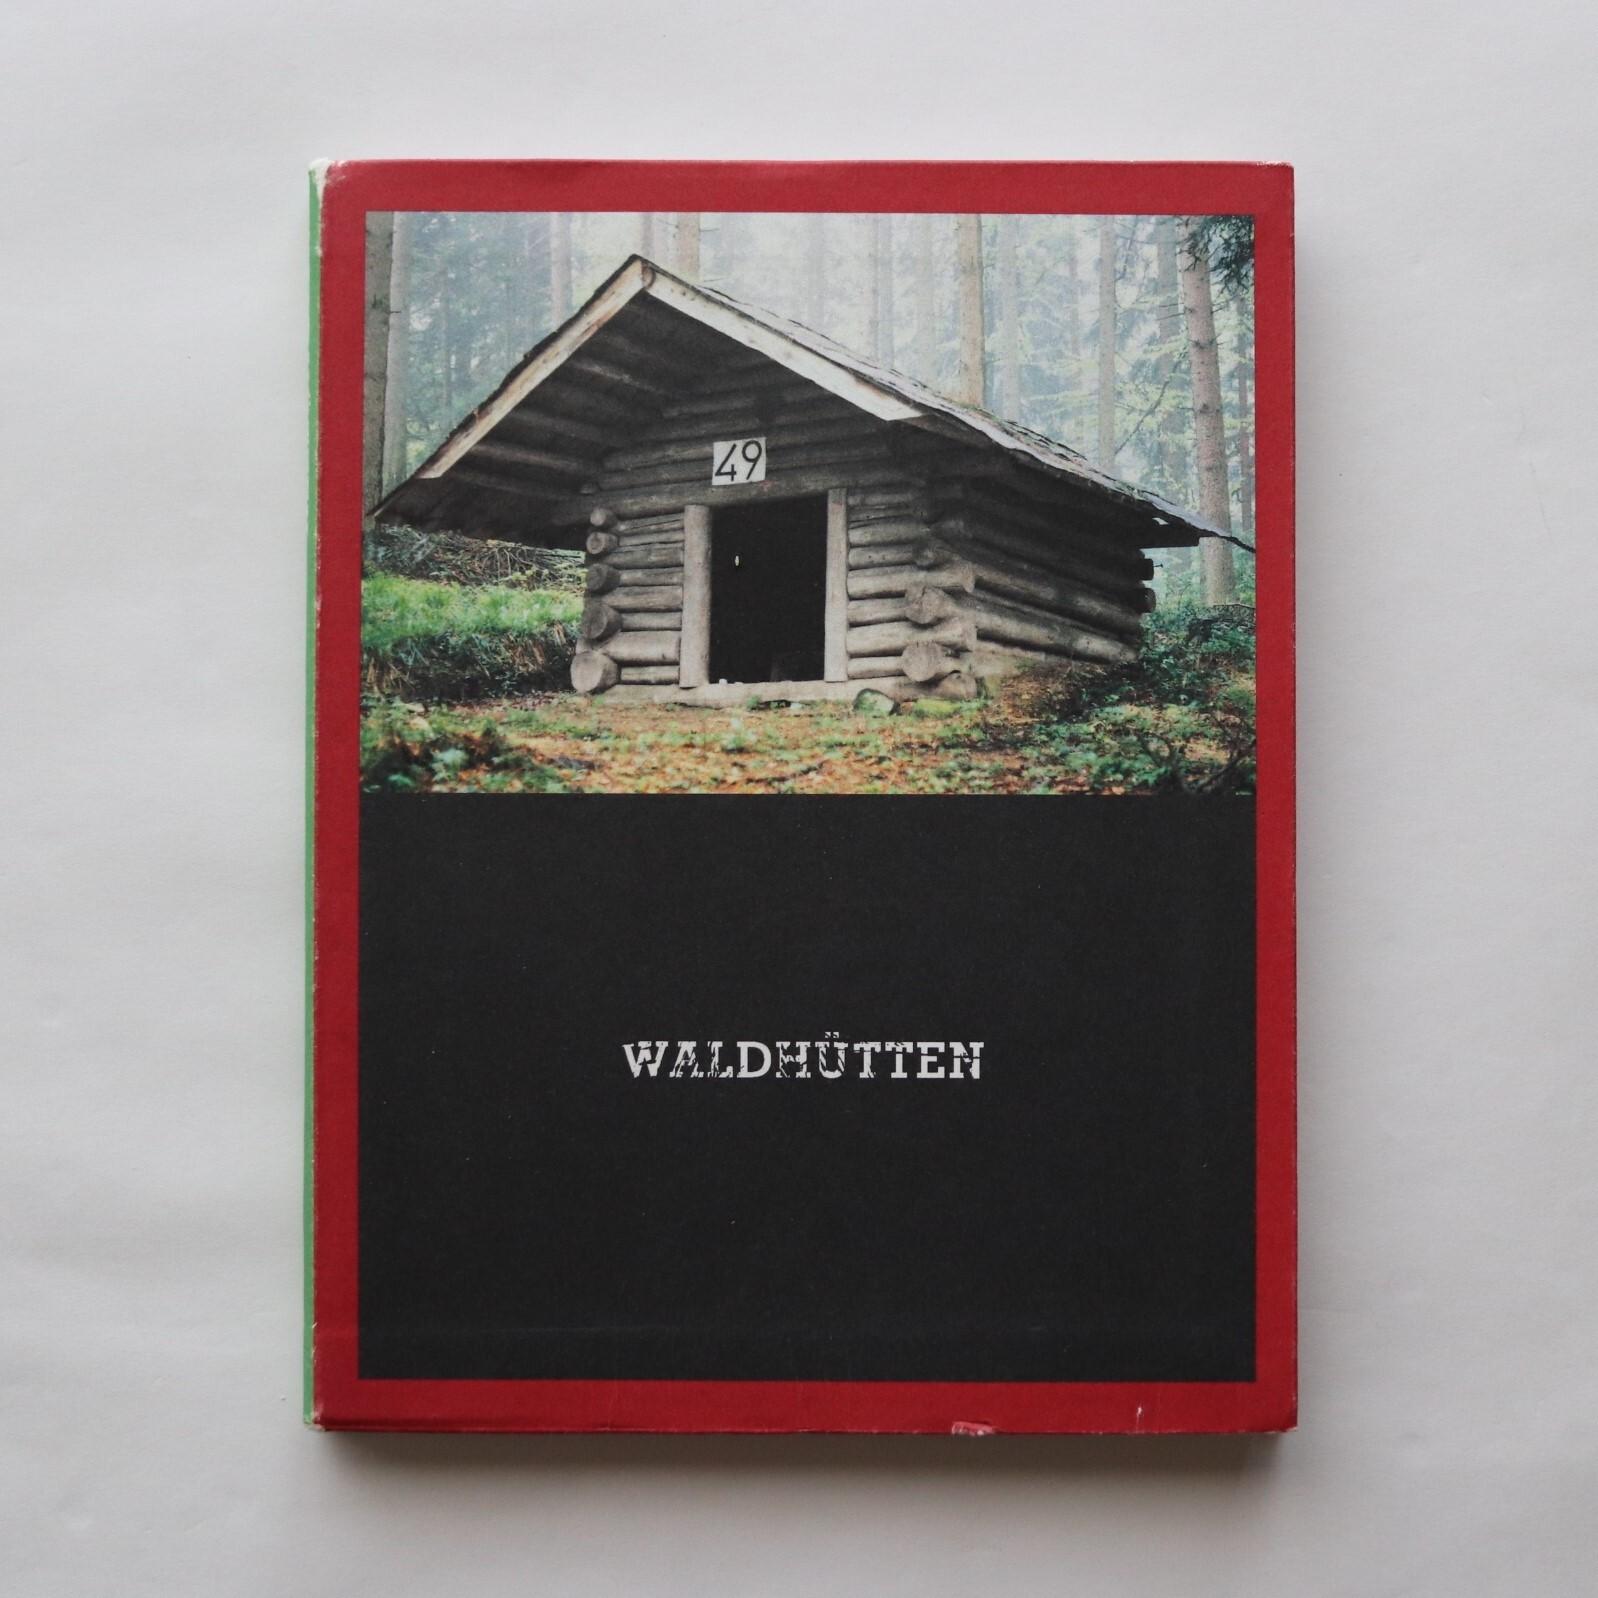 Waldhutten / Gerold Kunz, Hilar Stadler